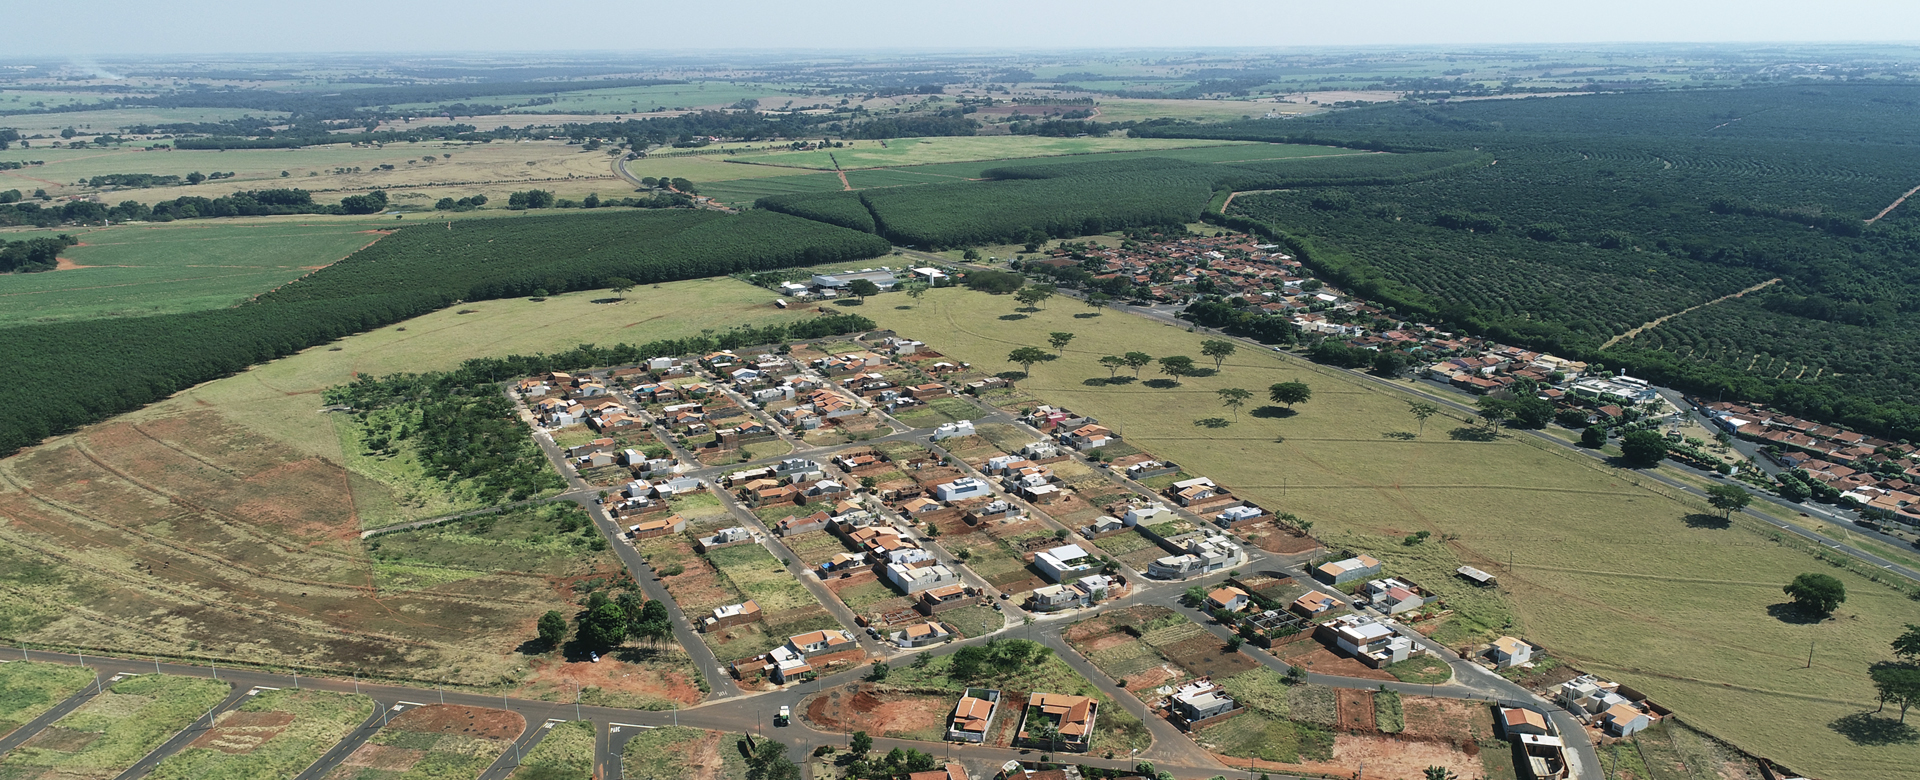 Onda Verde São Paulo fonte: www.setpar.com.br